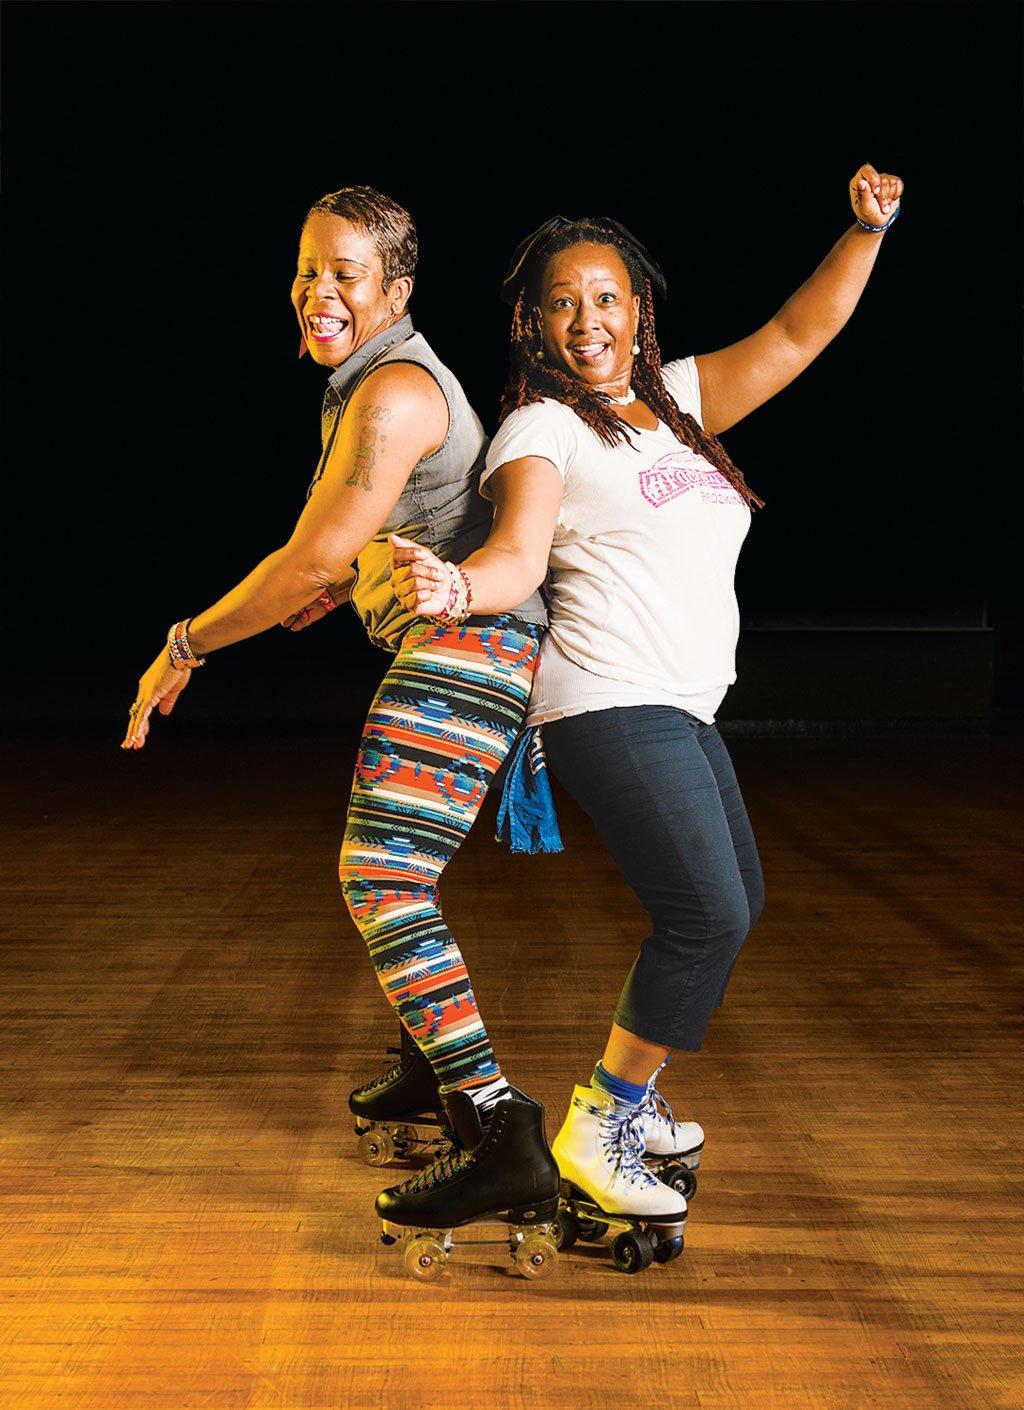 Roller skating rink oakville - Roller Skating Sharon Kimpson And Lora Fitzgerald